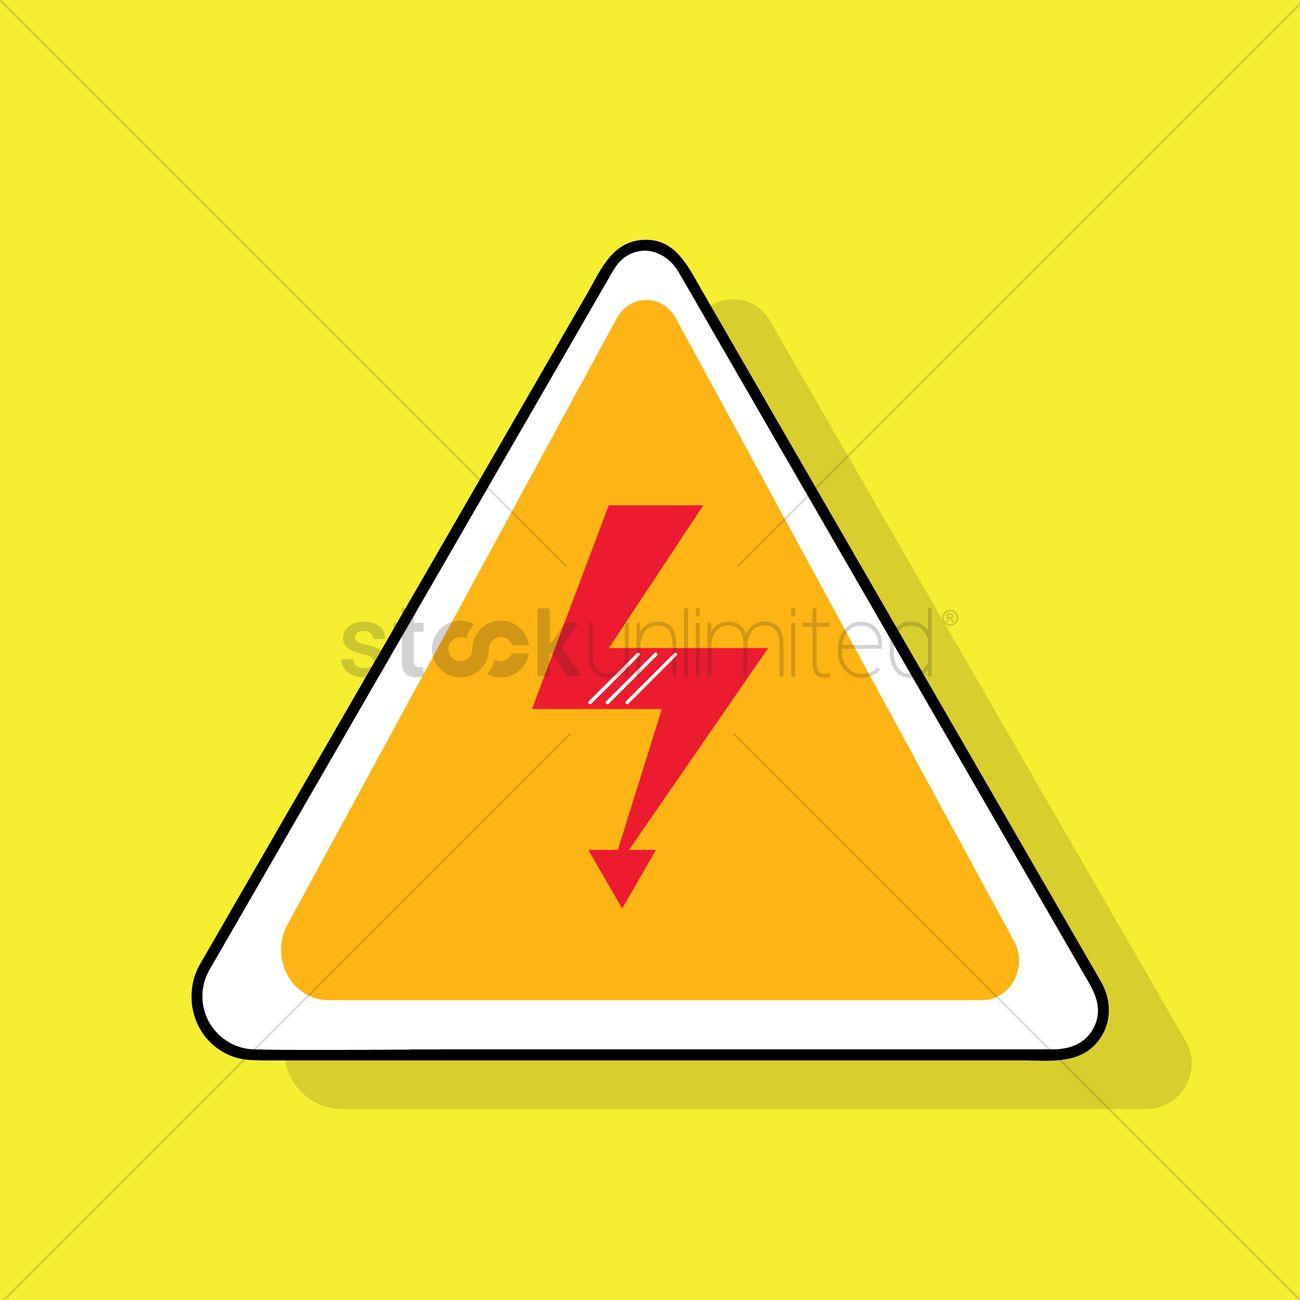 High voltage symbol vector image 1355191 stockunlimited high voltage symbol vector graphic buycottarizona